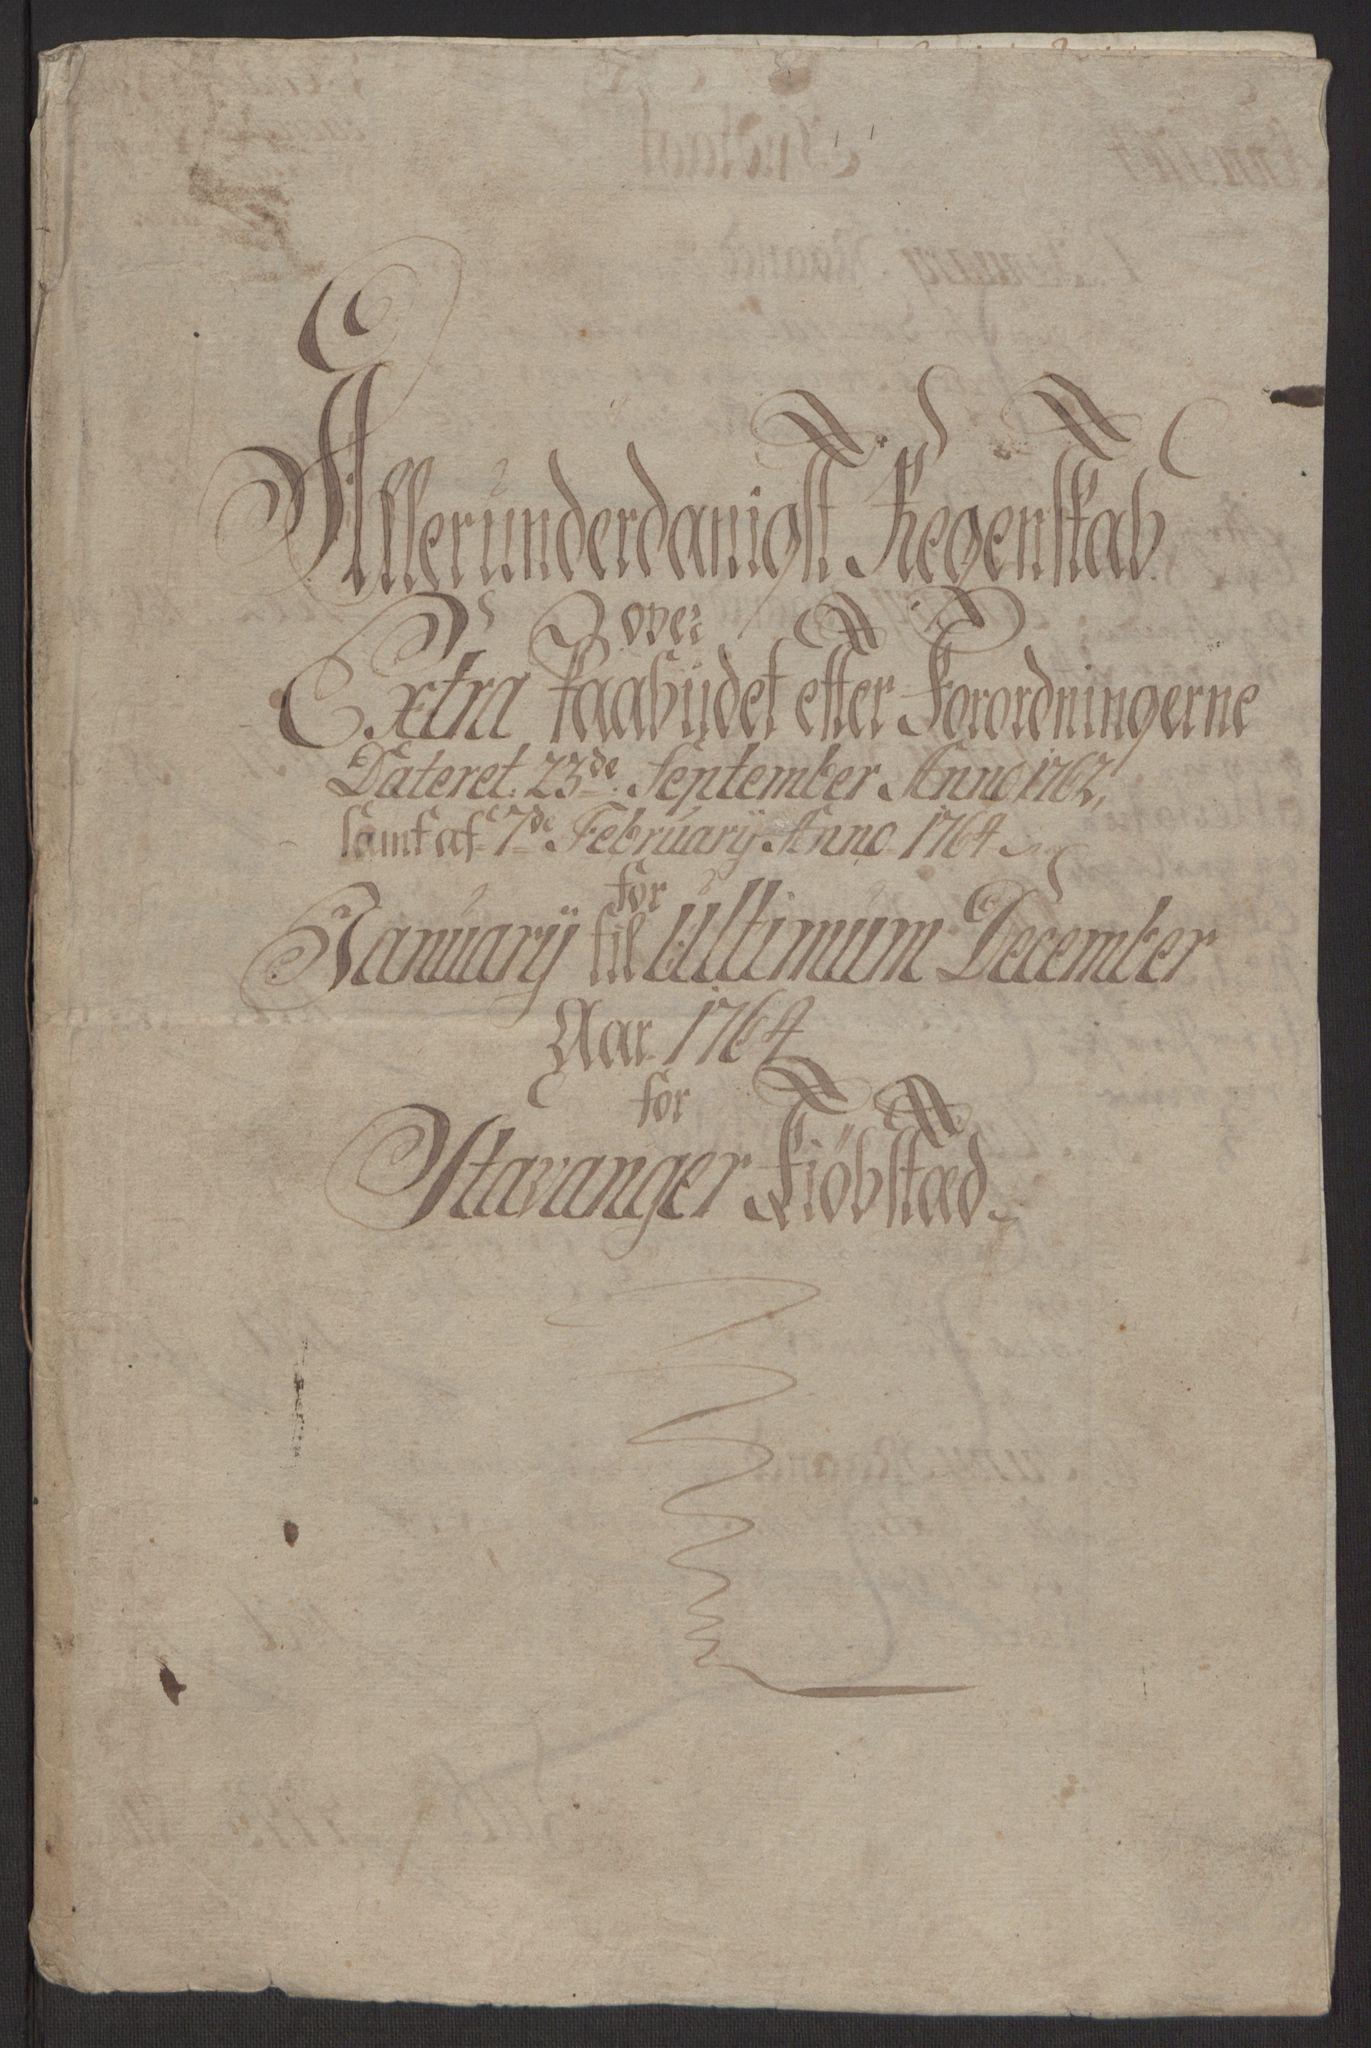 RA, Rentekammeret inntil 1814, Reviderte regnskaper, Byregnskaper, R/Ro/L0305: [O6] Kontribusjonsregnskap, 1762-1768, s. 30